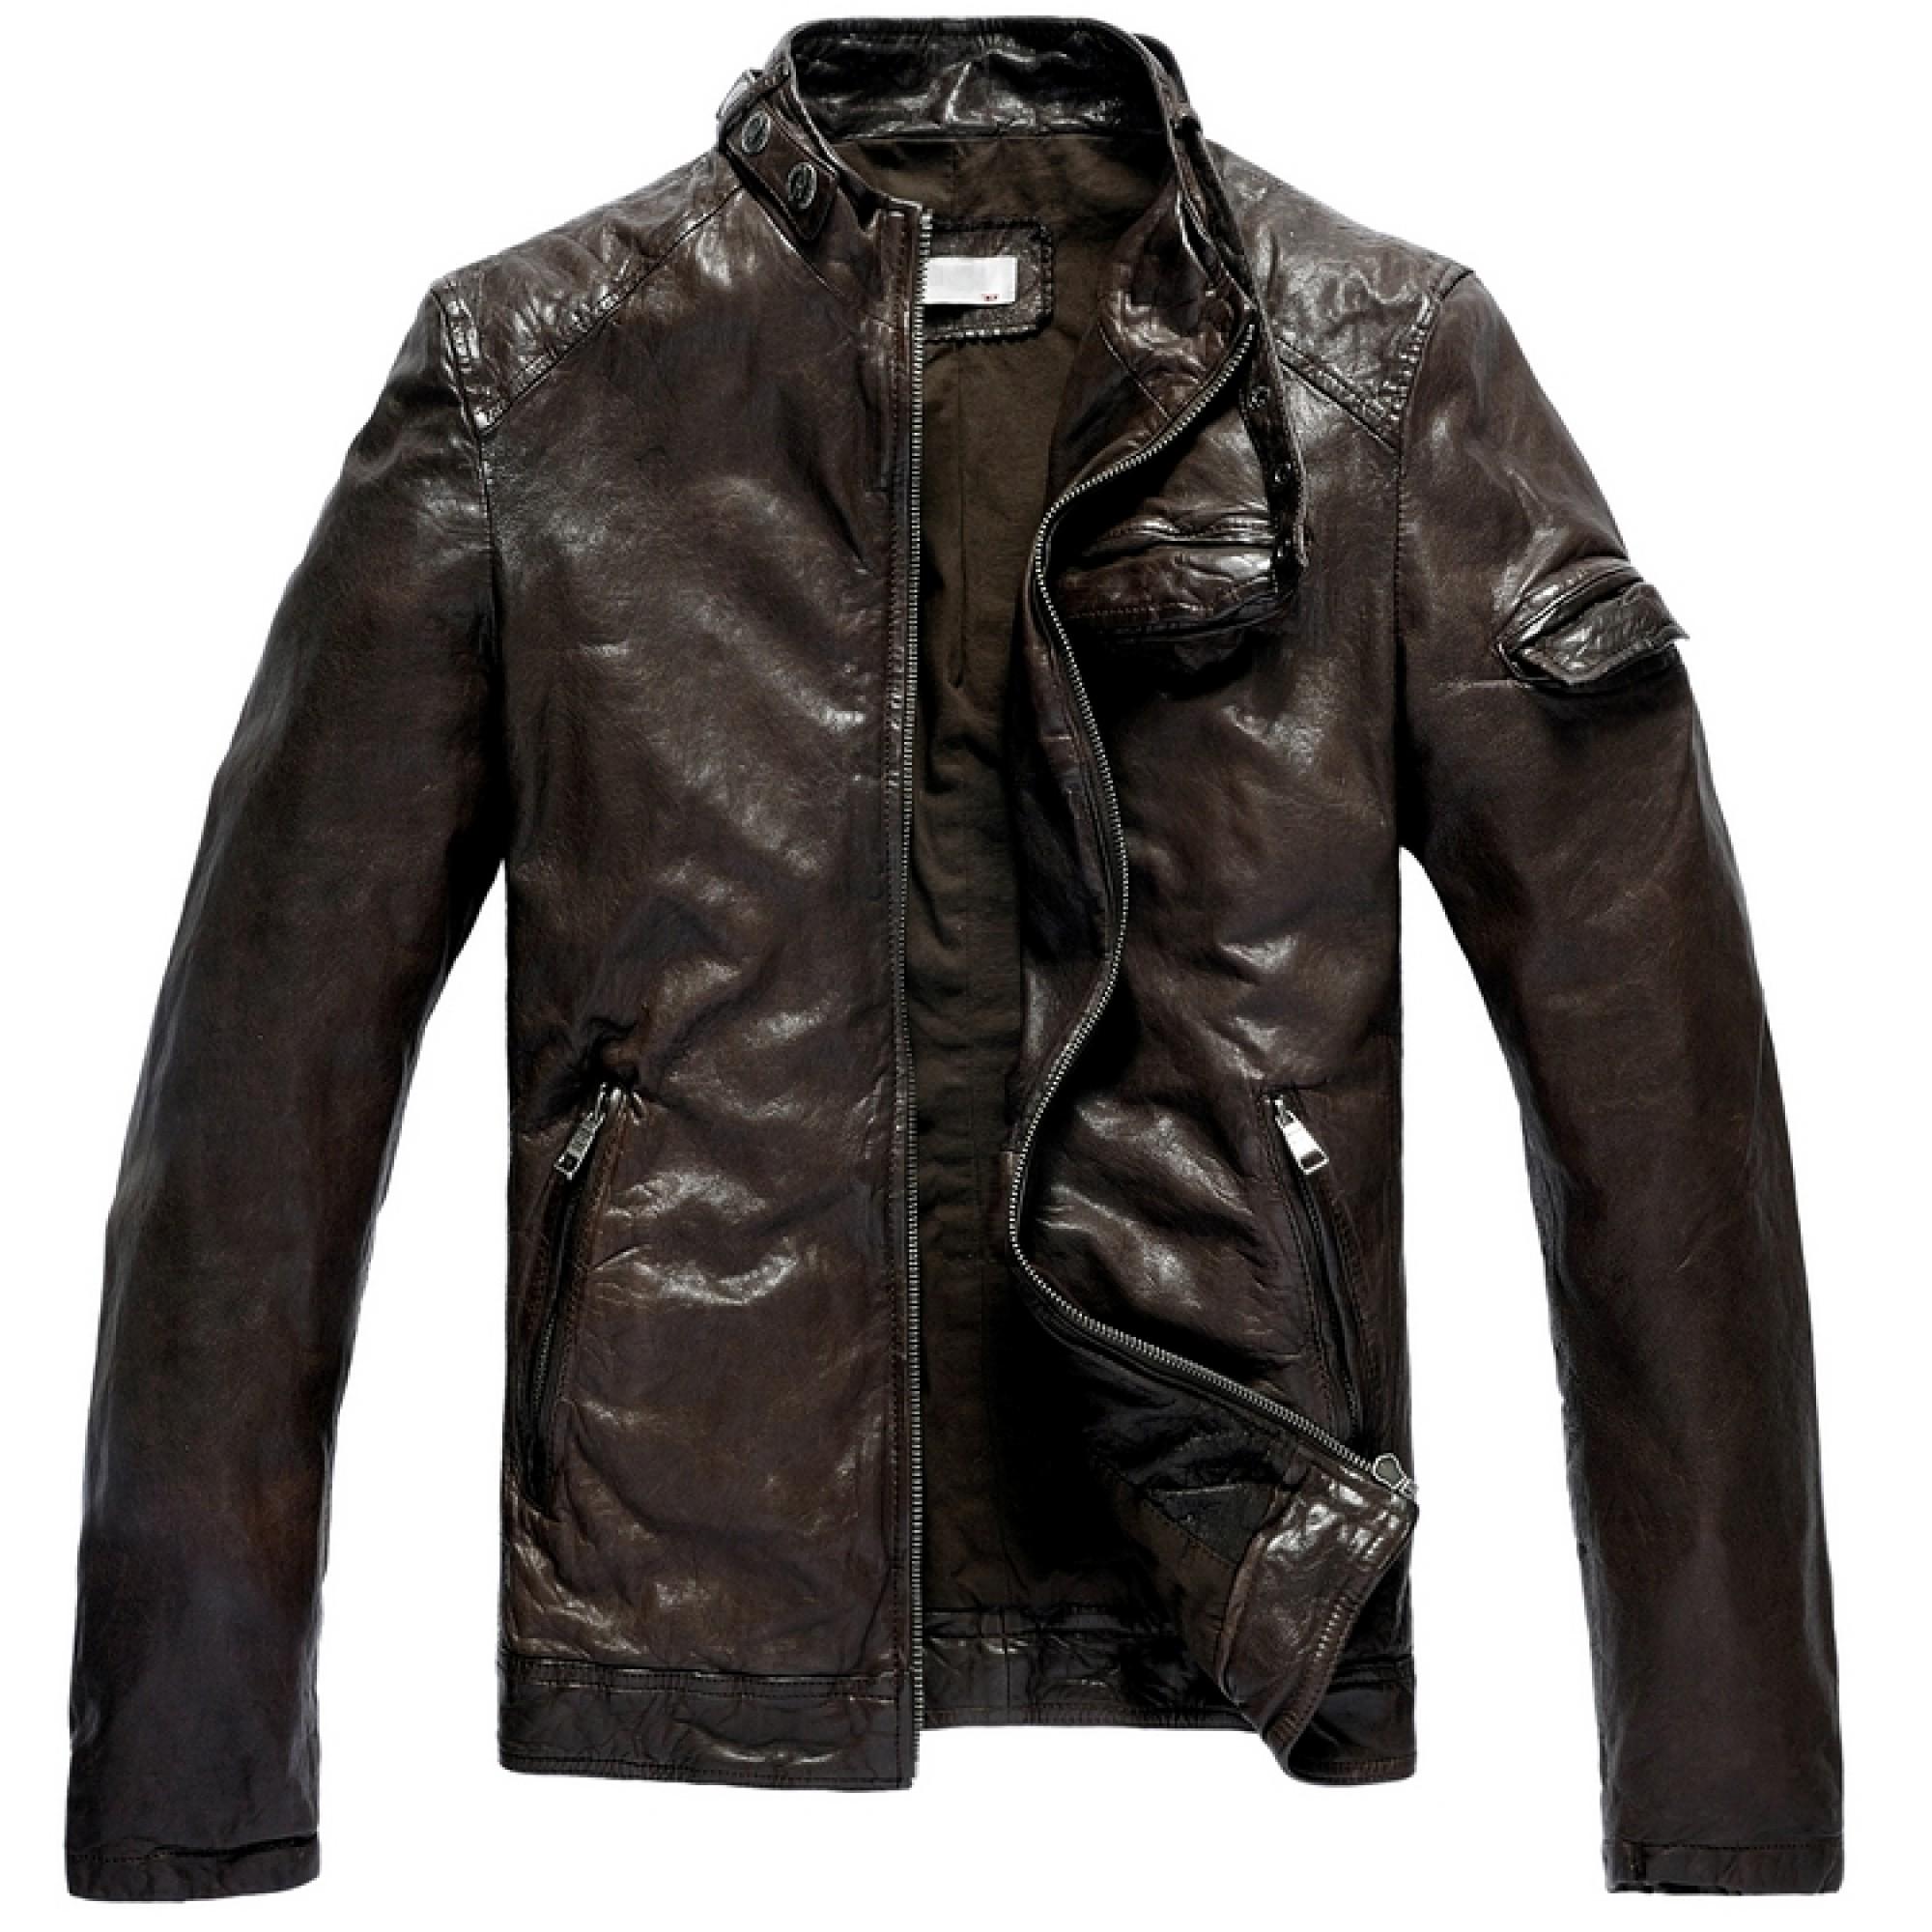 362f7a99a08 Купить коричневая кожаная куртка от Diesel — в Киеве